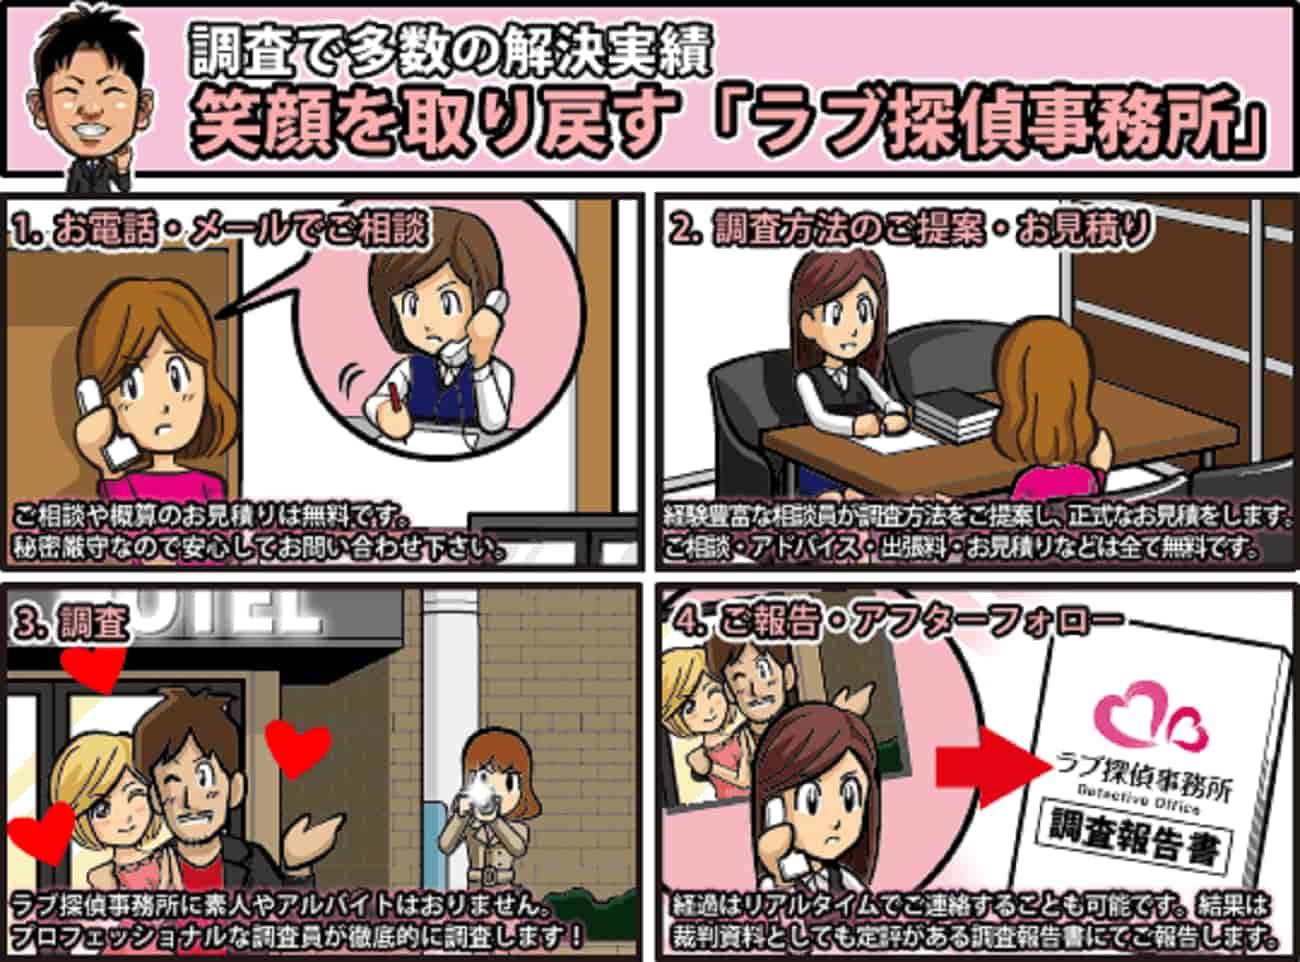 ラブ探偵事務所は千葉県八千代市の相談お見積り無料